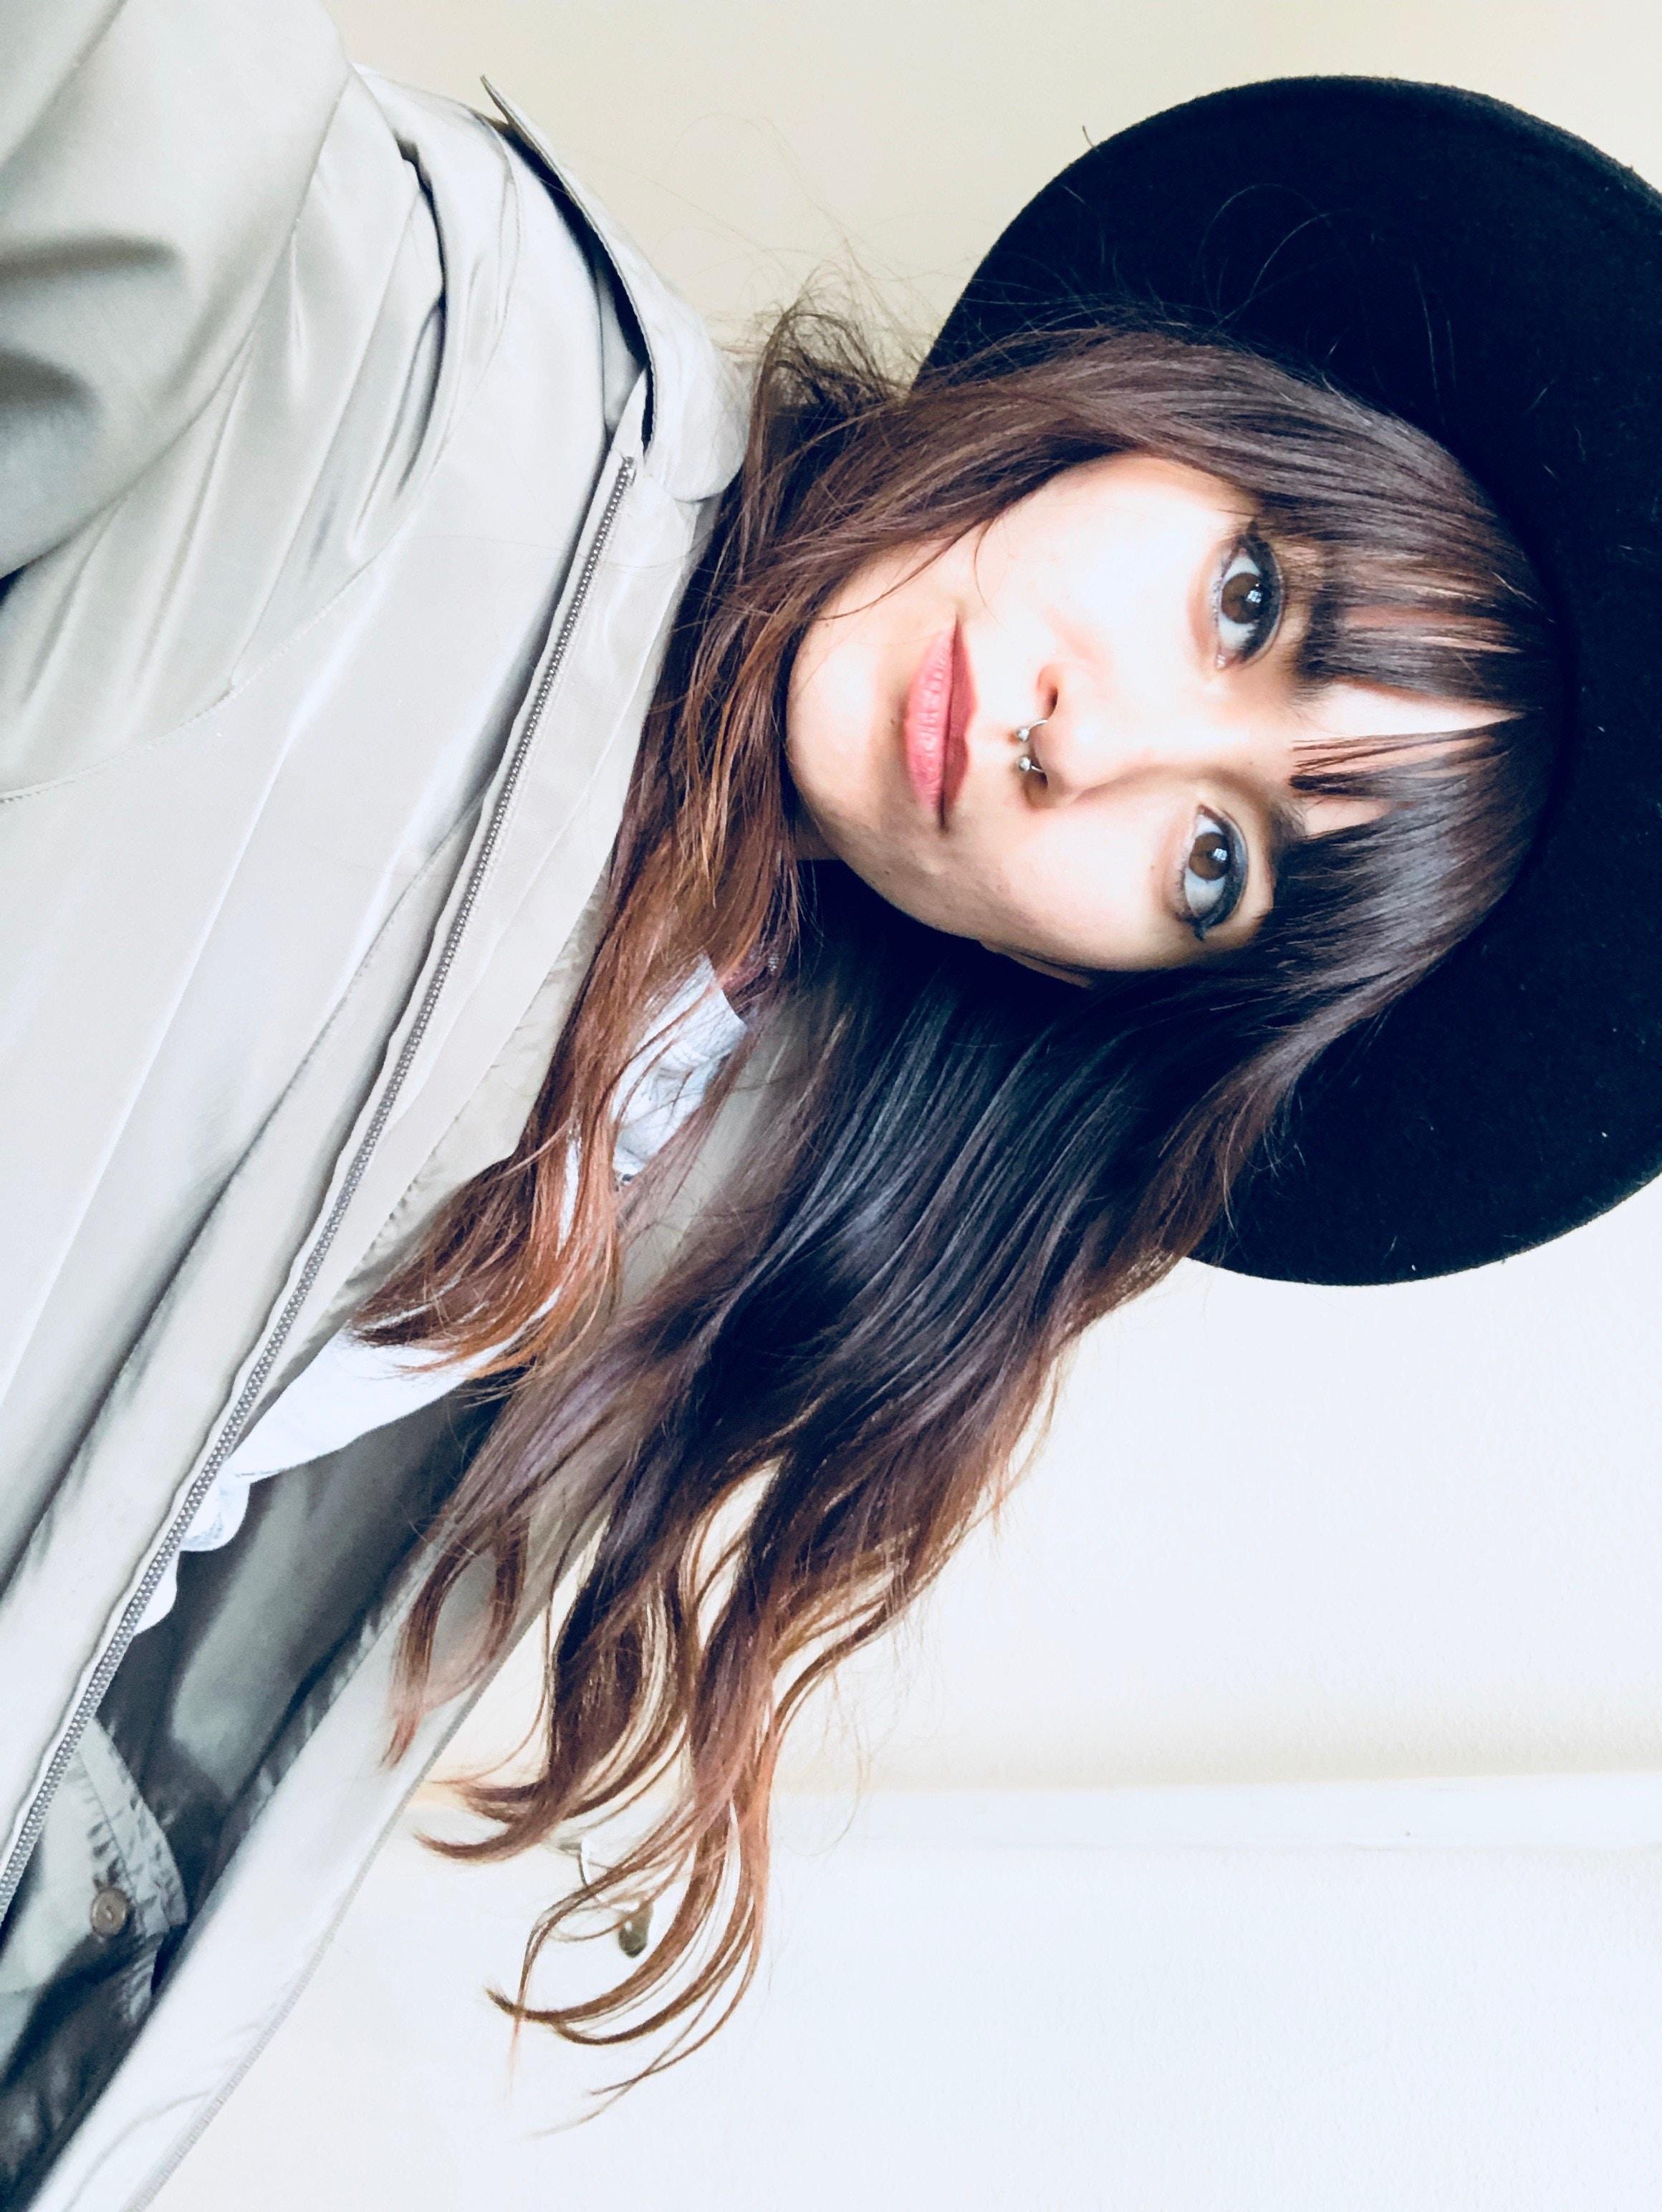 Go to Cyndi Pérezita's profile